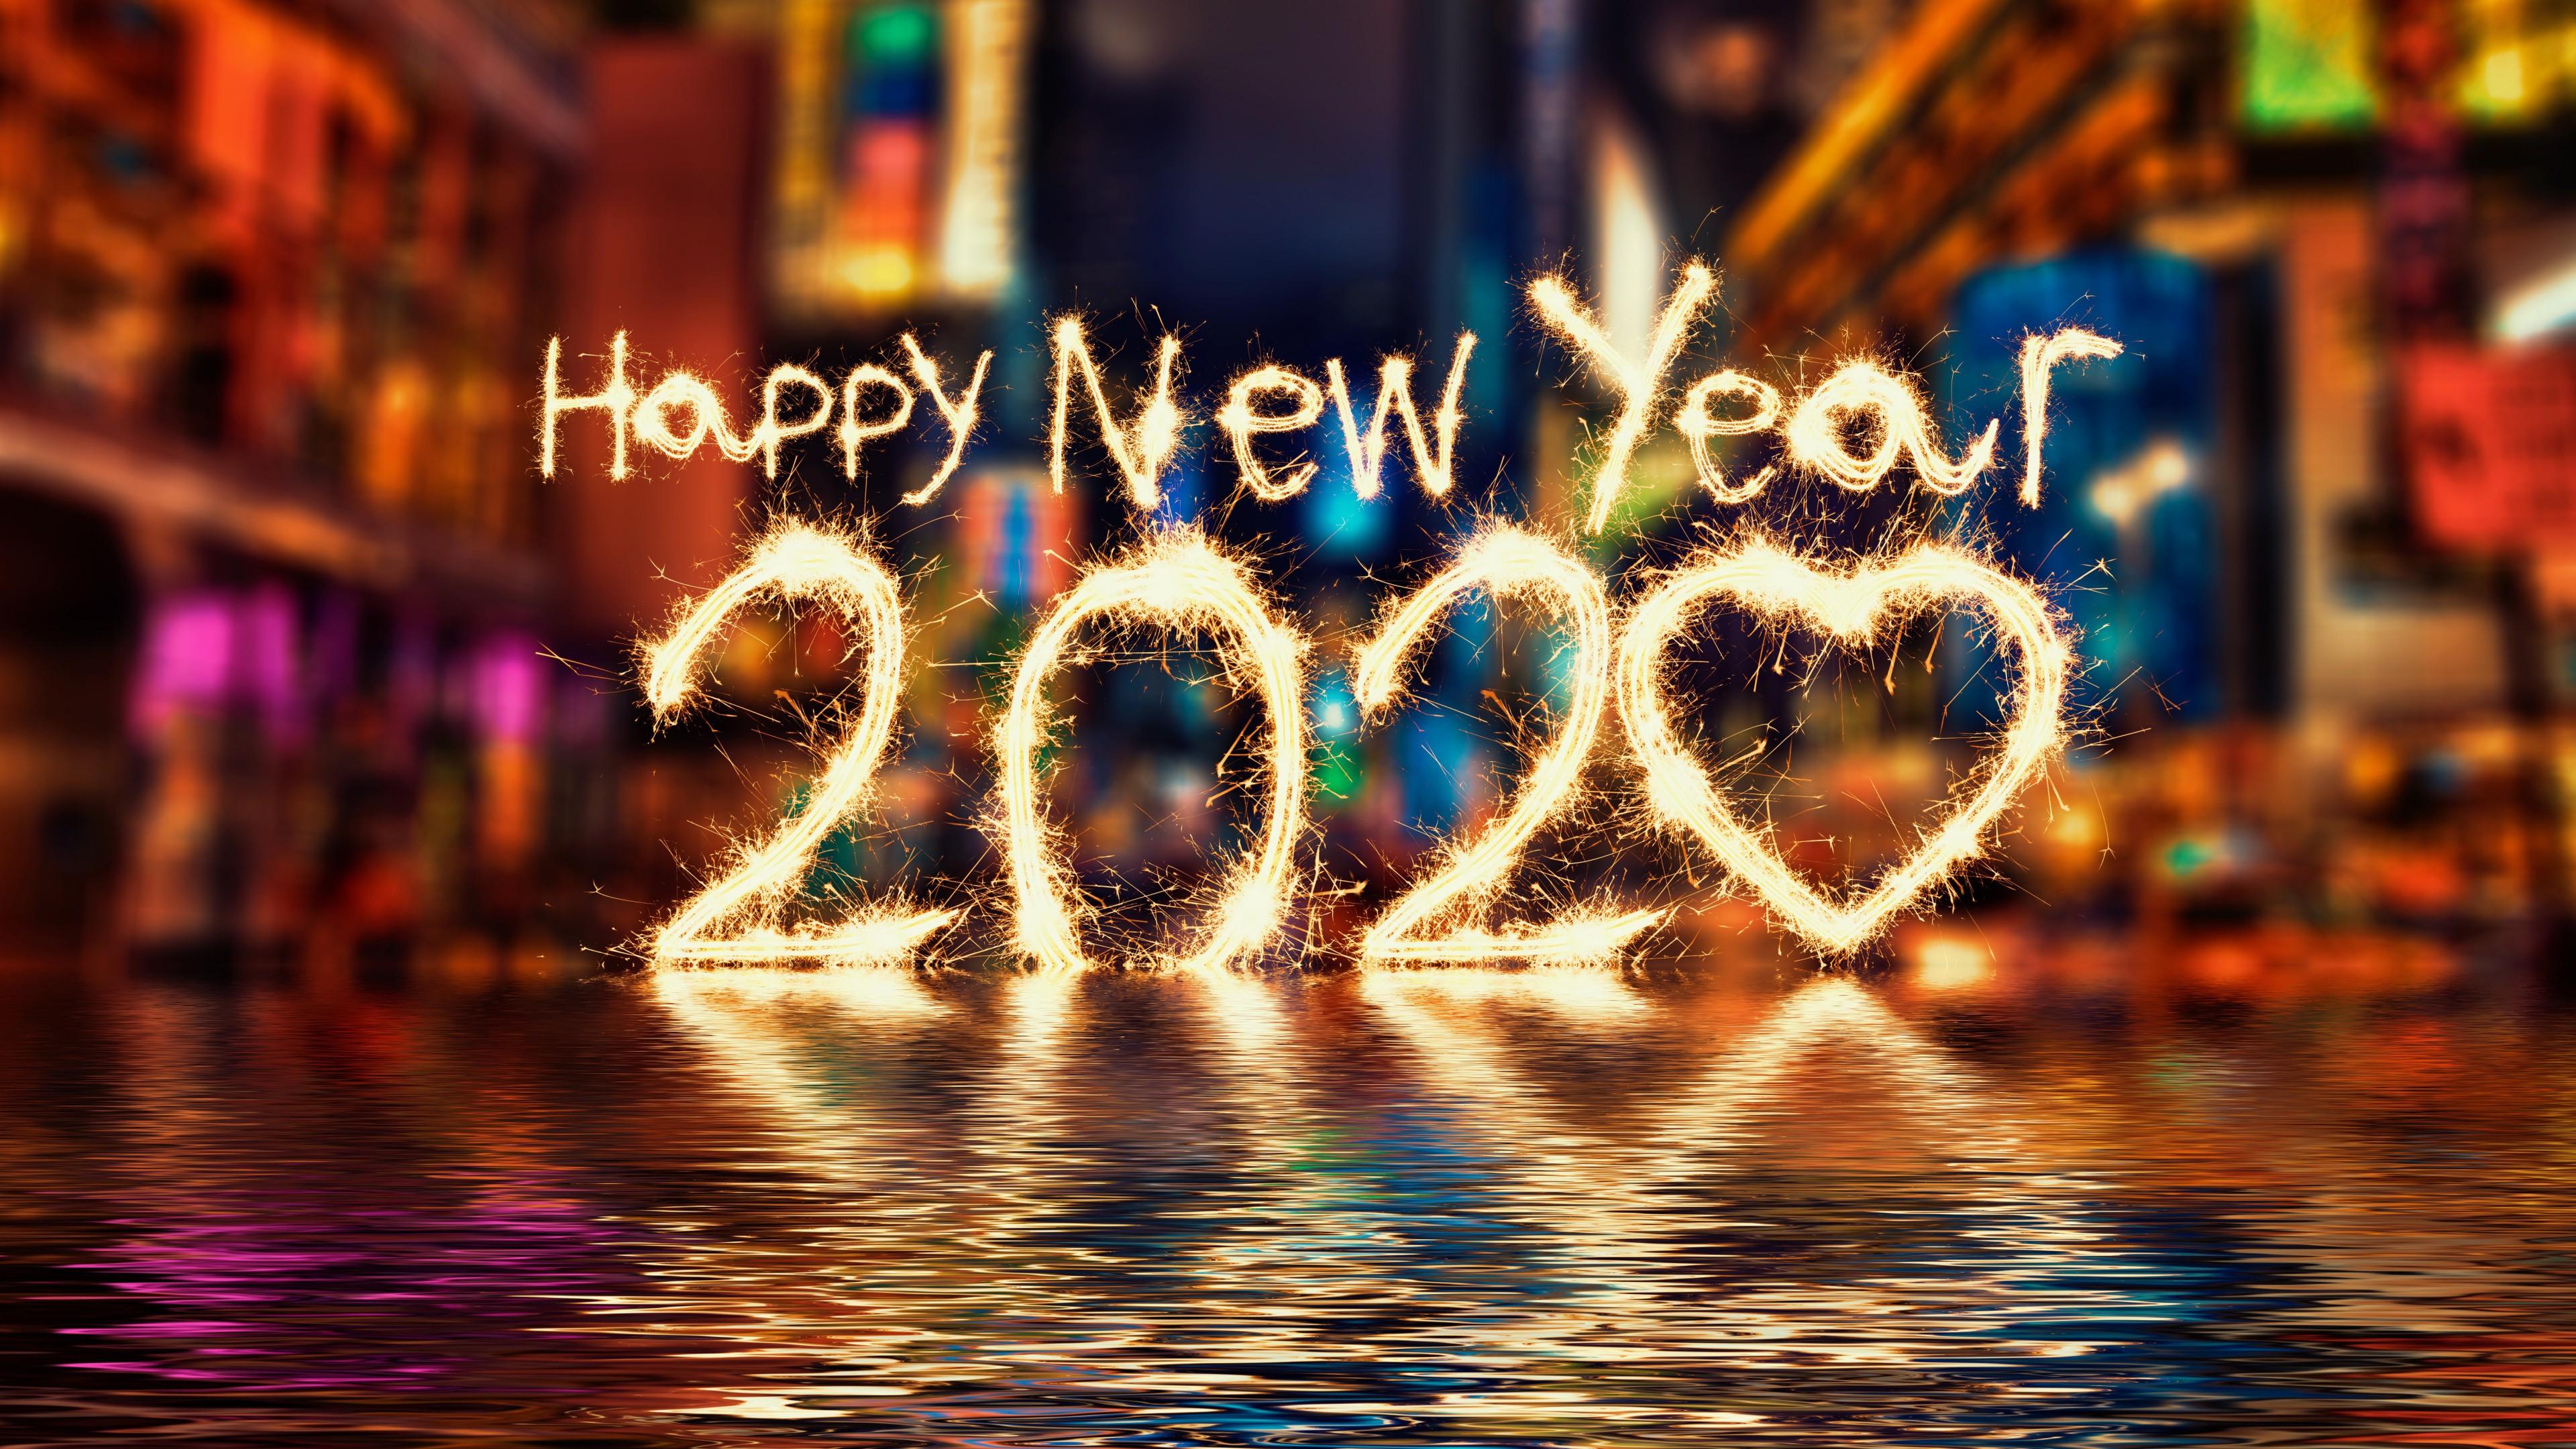 Happy New Year 2020 HD Wallpaper 4K for Desktop 3840x2160